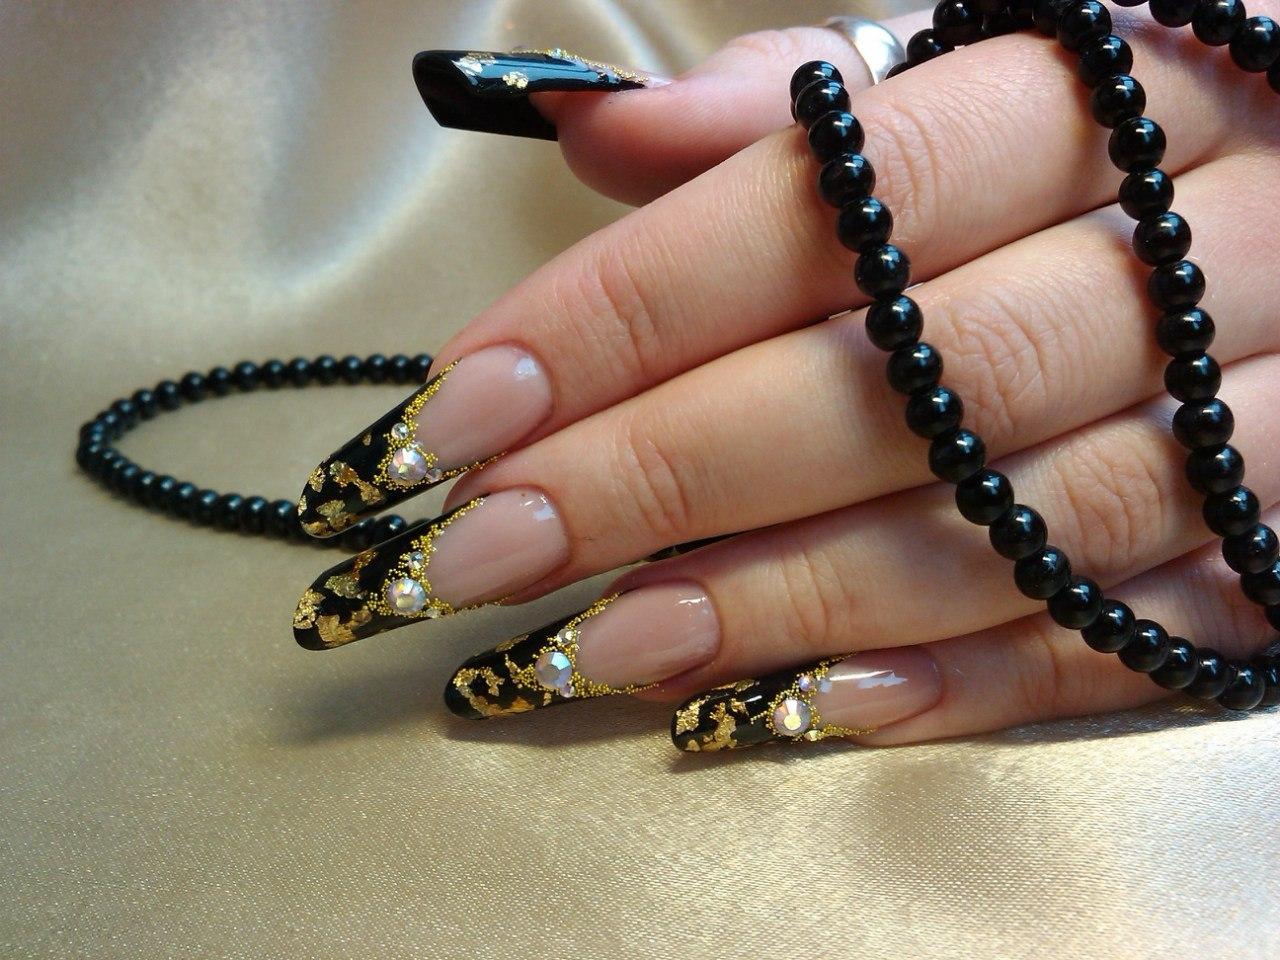 Нарощенных ногтей осень фото